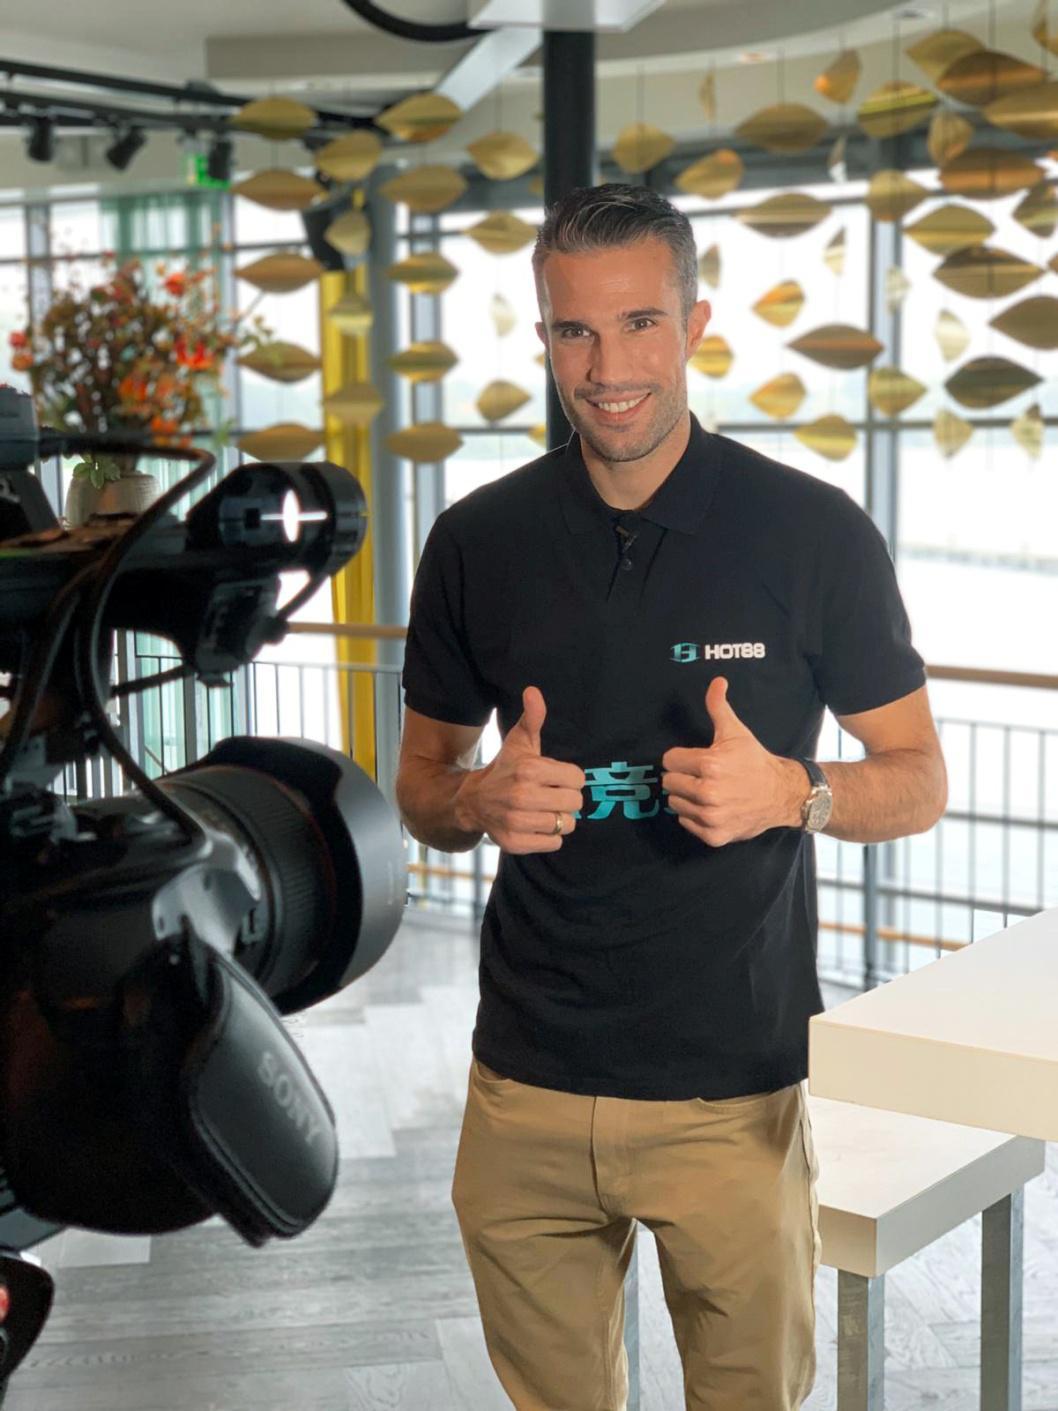 荷兰传奇球星罗宾·范佩西携手Hot88热竞技共创体育平台新辉煌